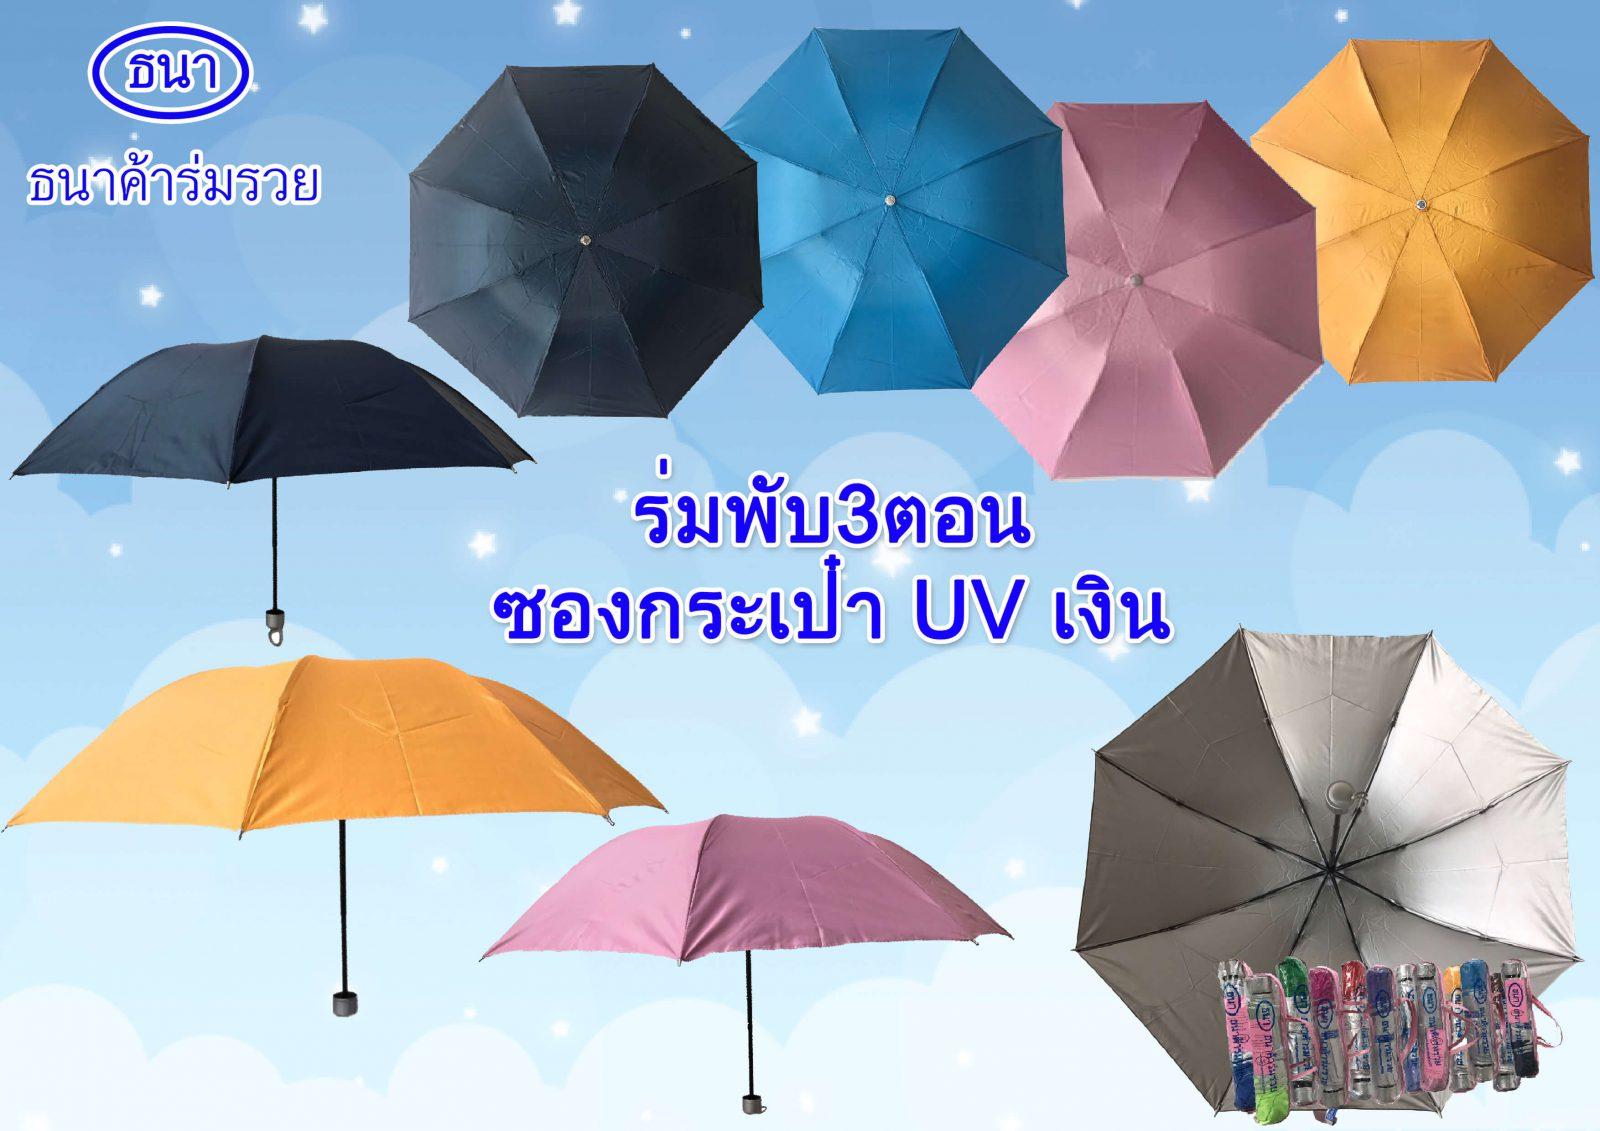 แนะนำ [ ร่ม ] ประเภทของร่ม